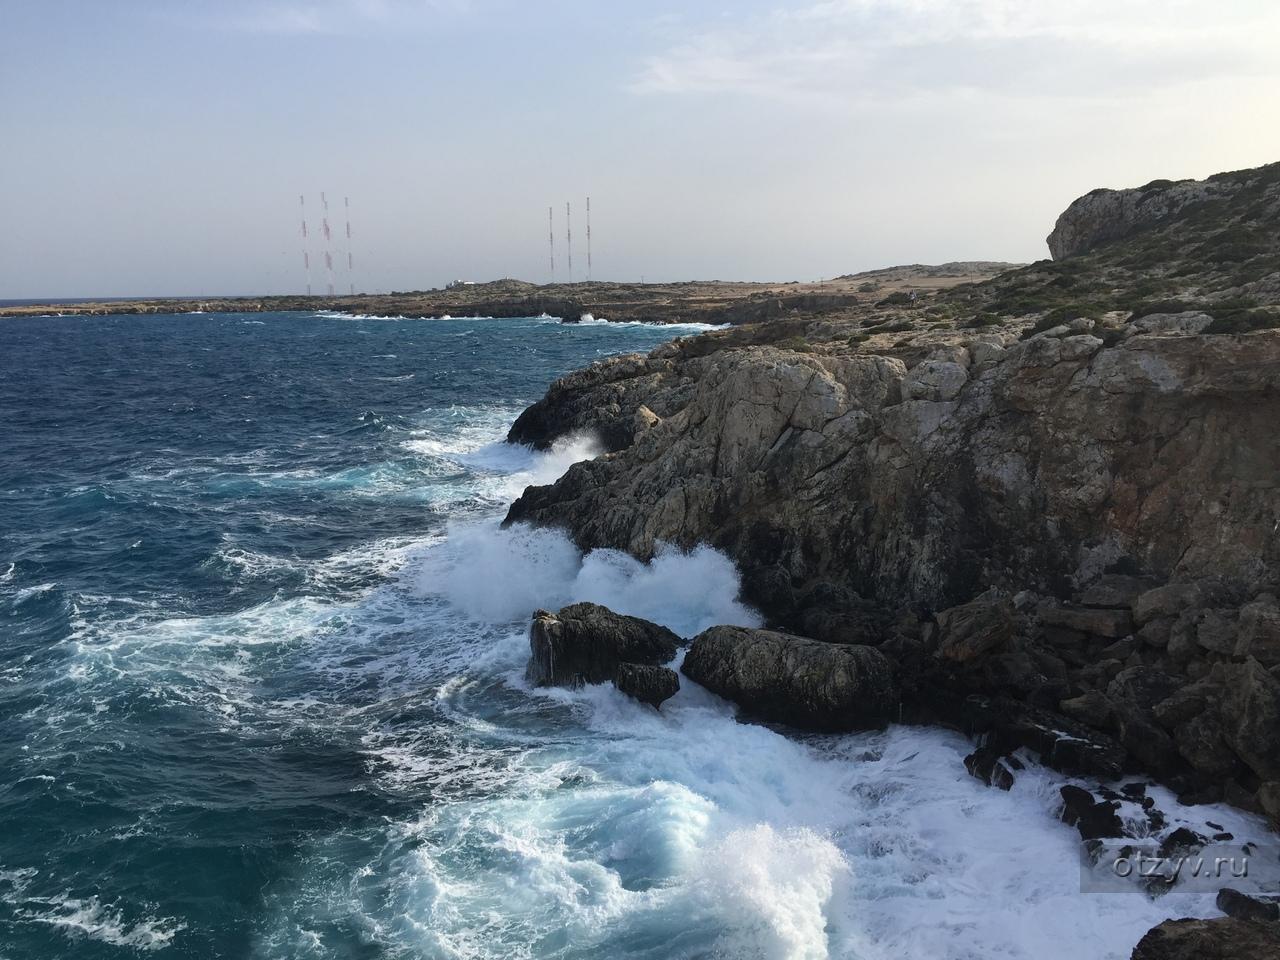 Погода на Кипре / Температура воды в море / Карта погоды